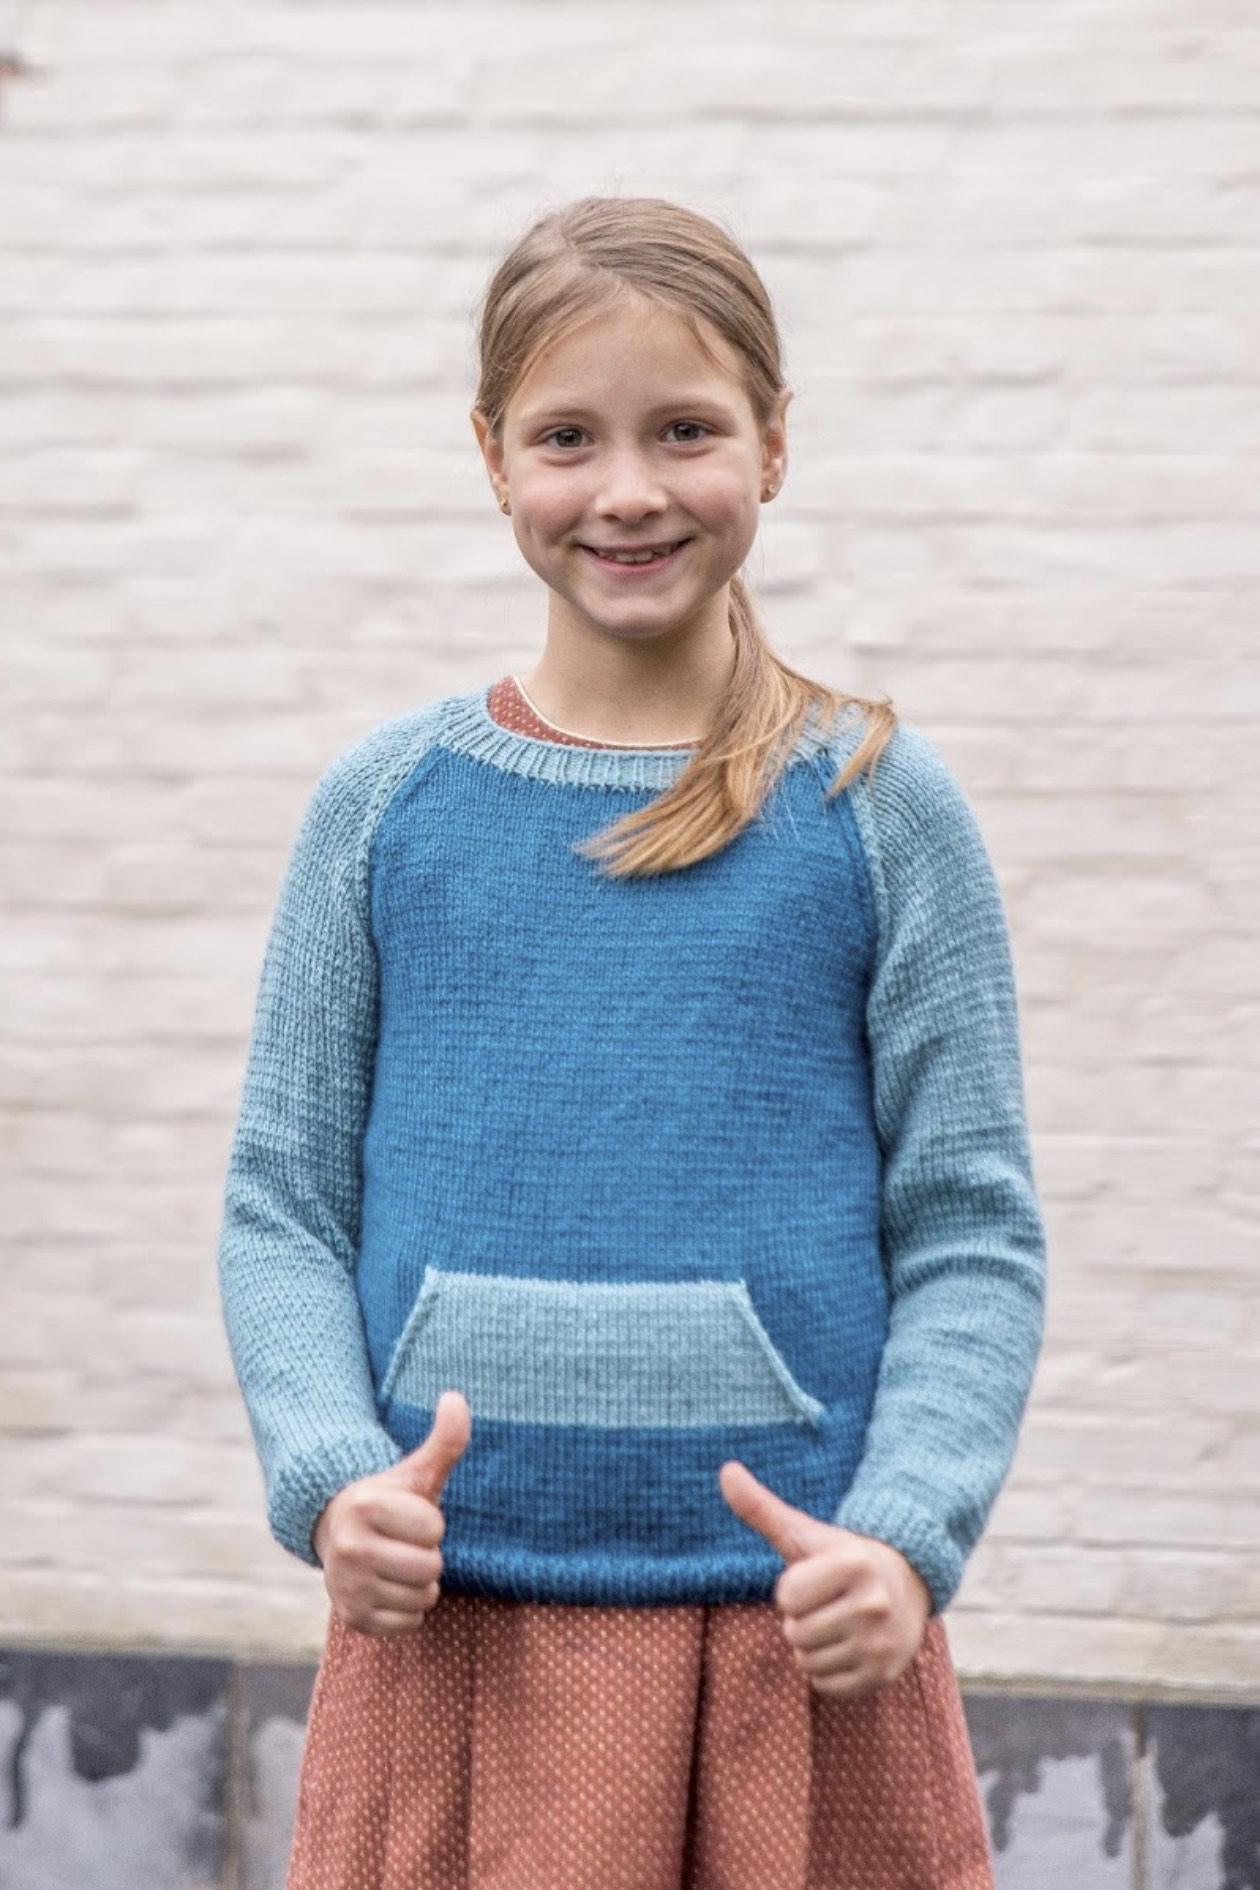 Quokka sweater blogtour #4